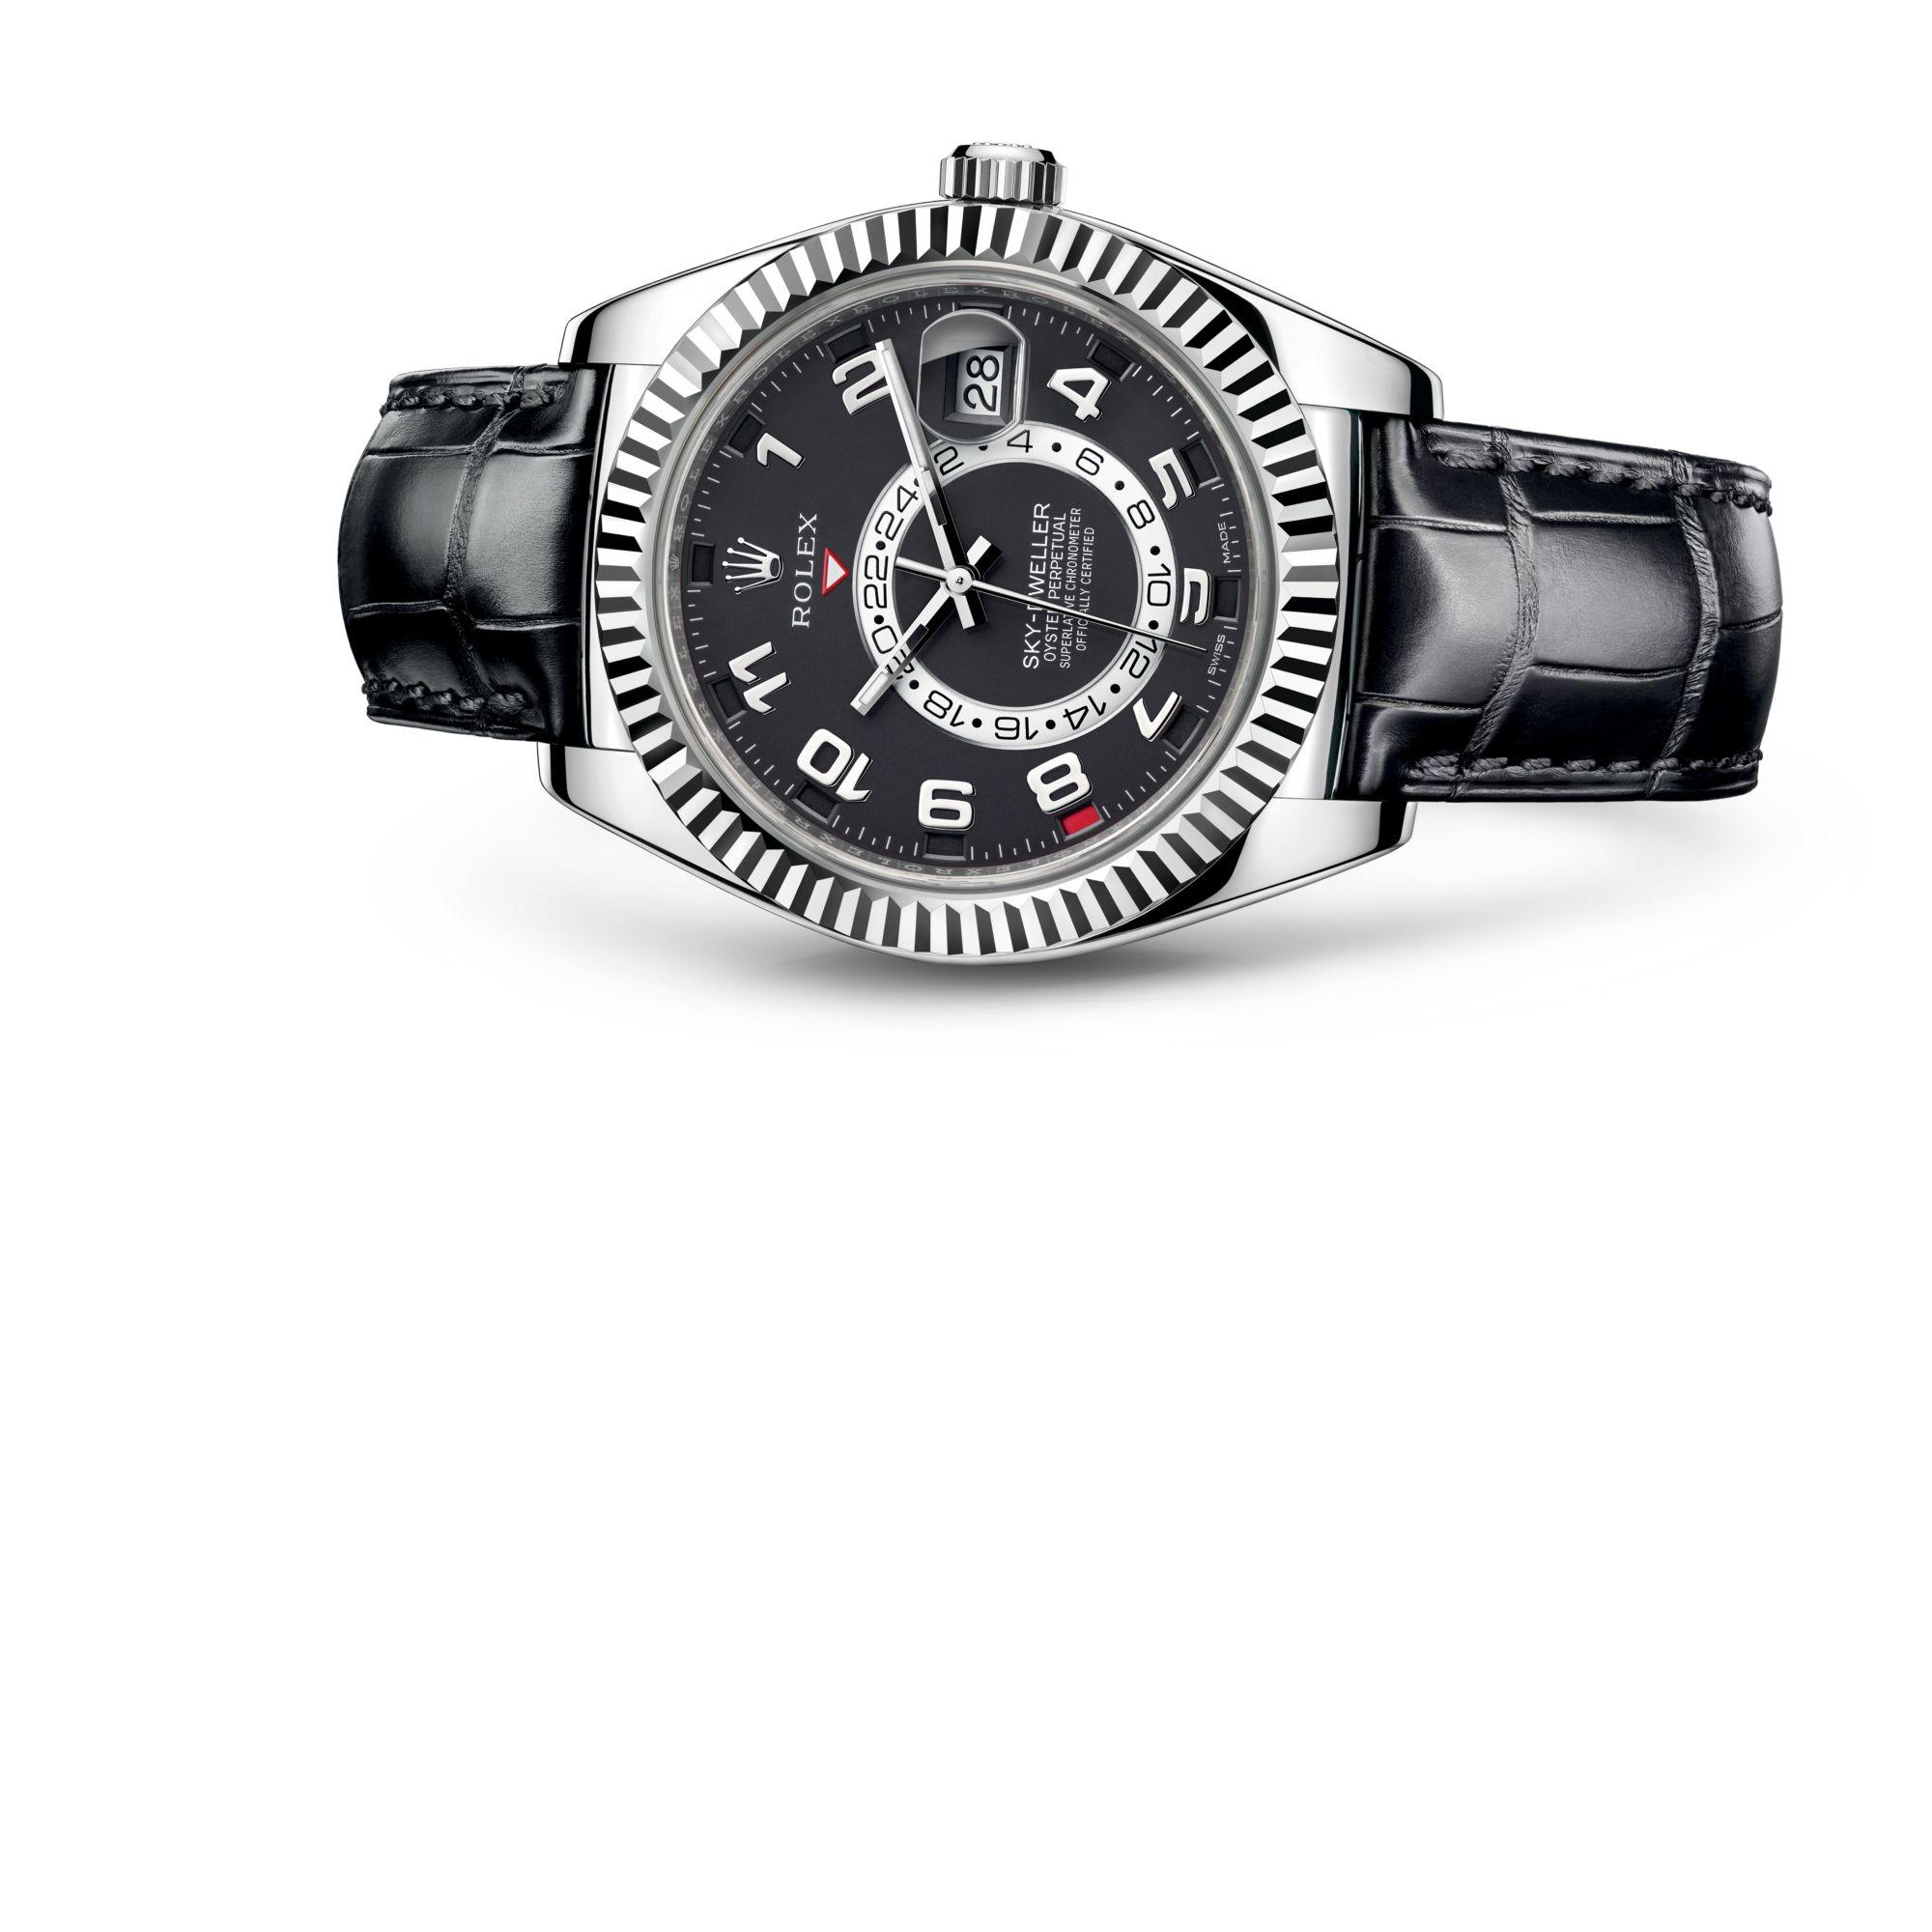 Rolex سكاي دويلَر M326139-0003